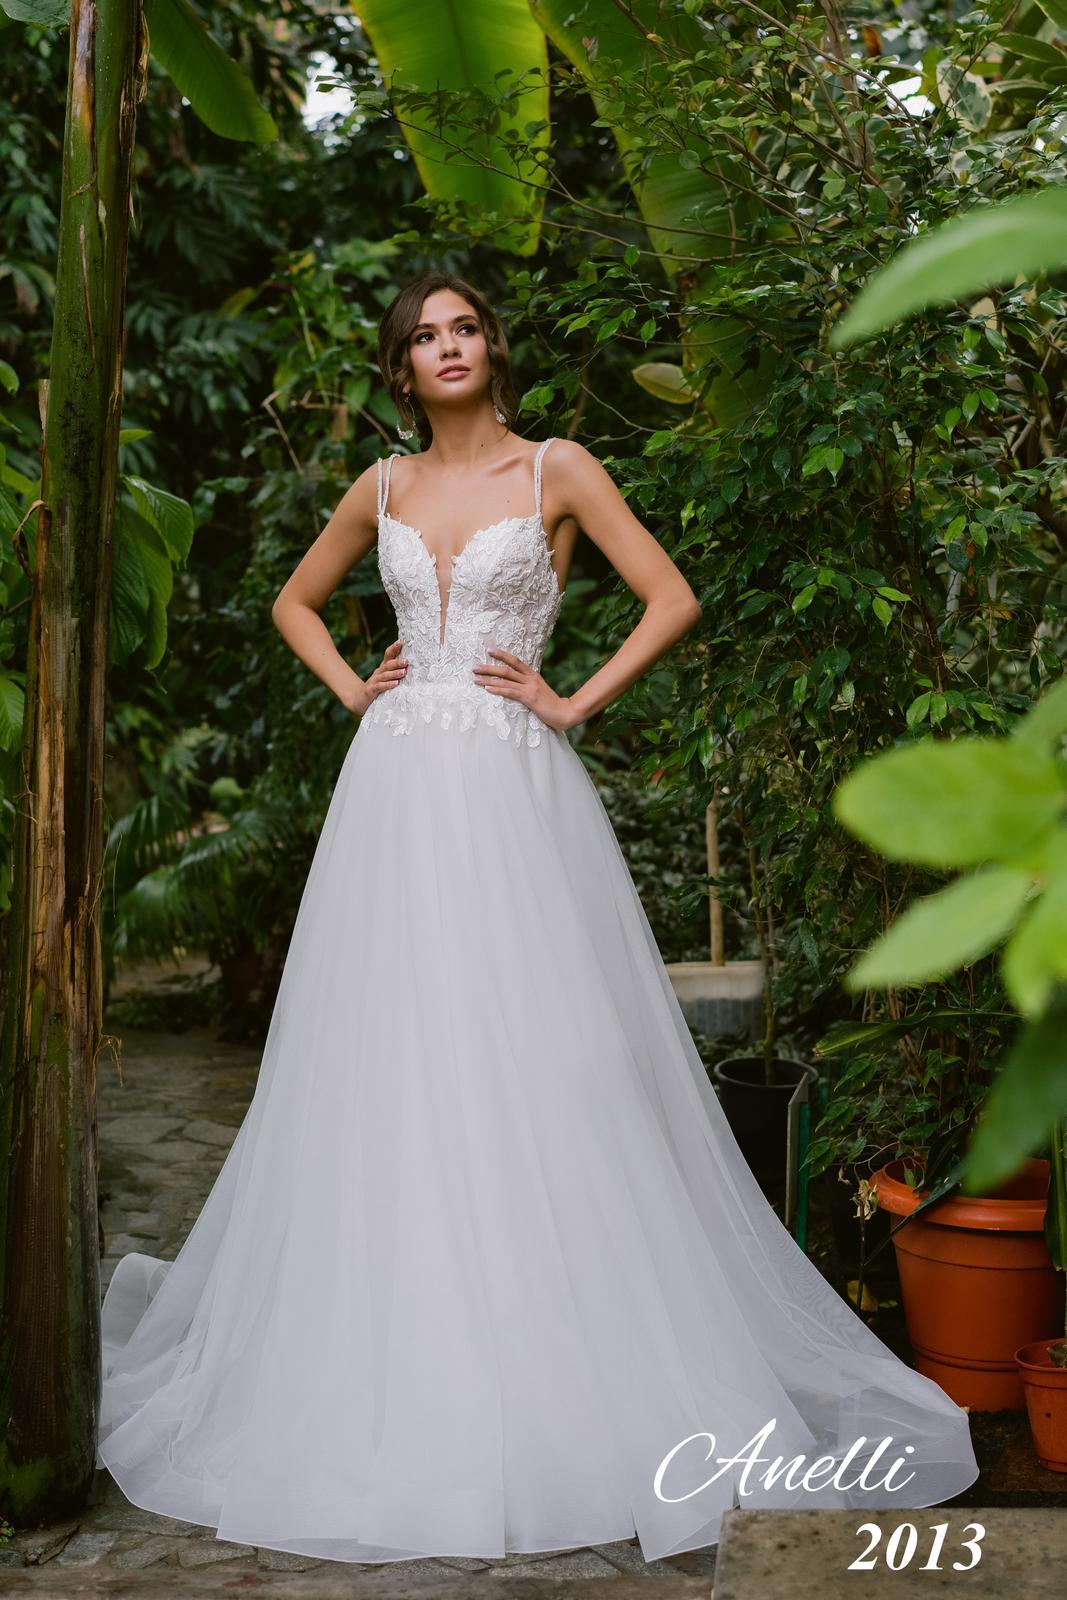 Svadobné šaty - Breeze 2013 - Obrázok č. 2